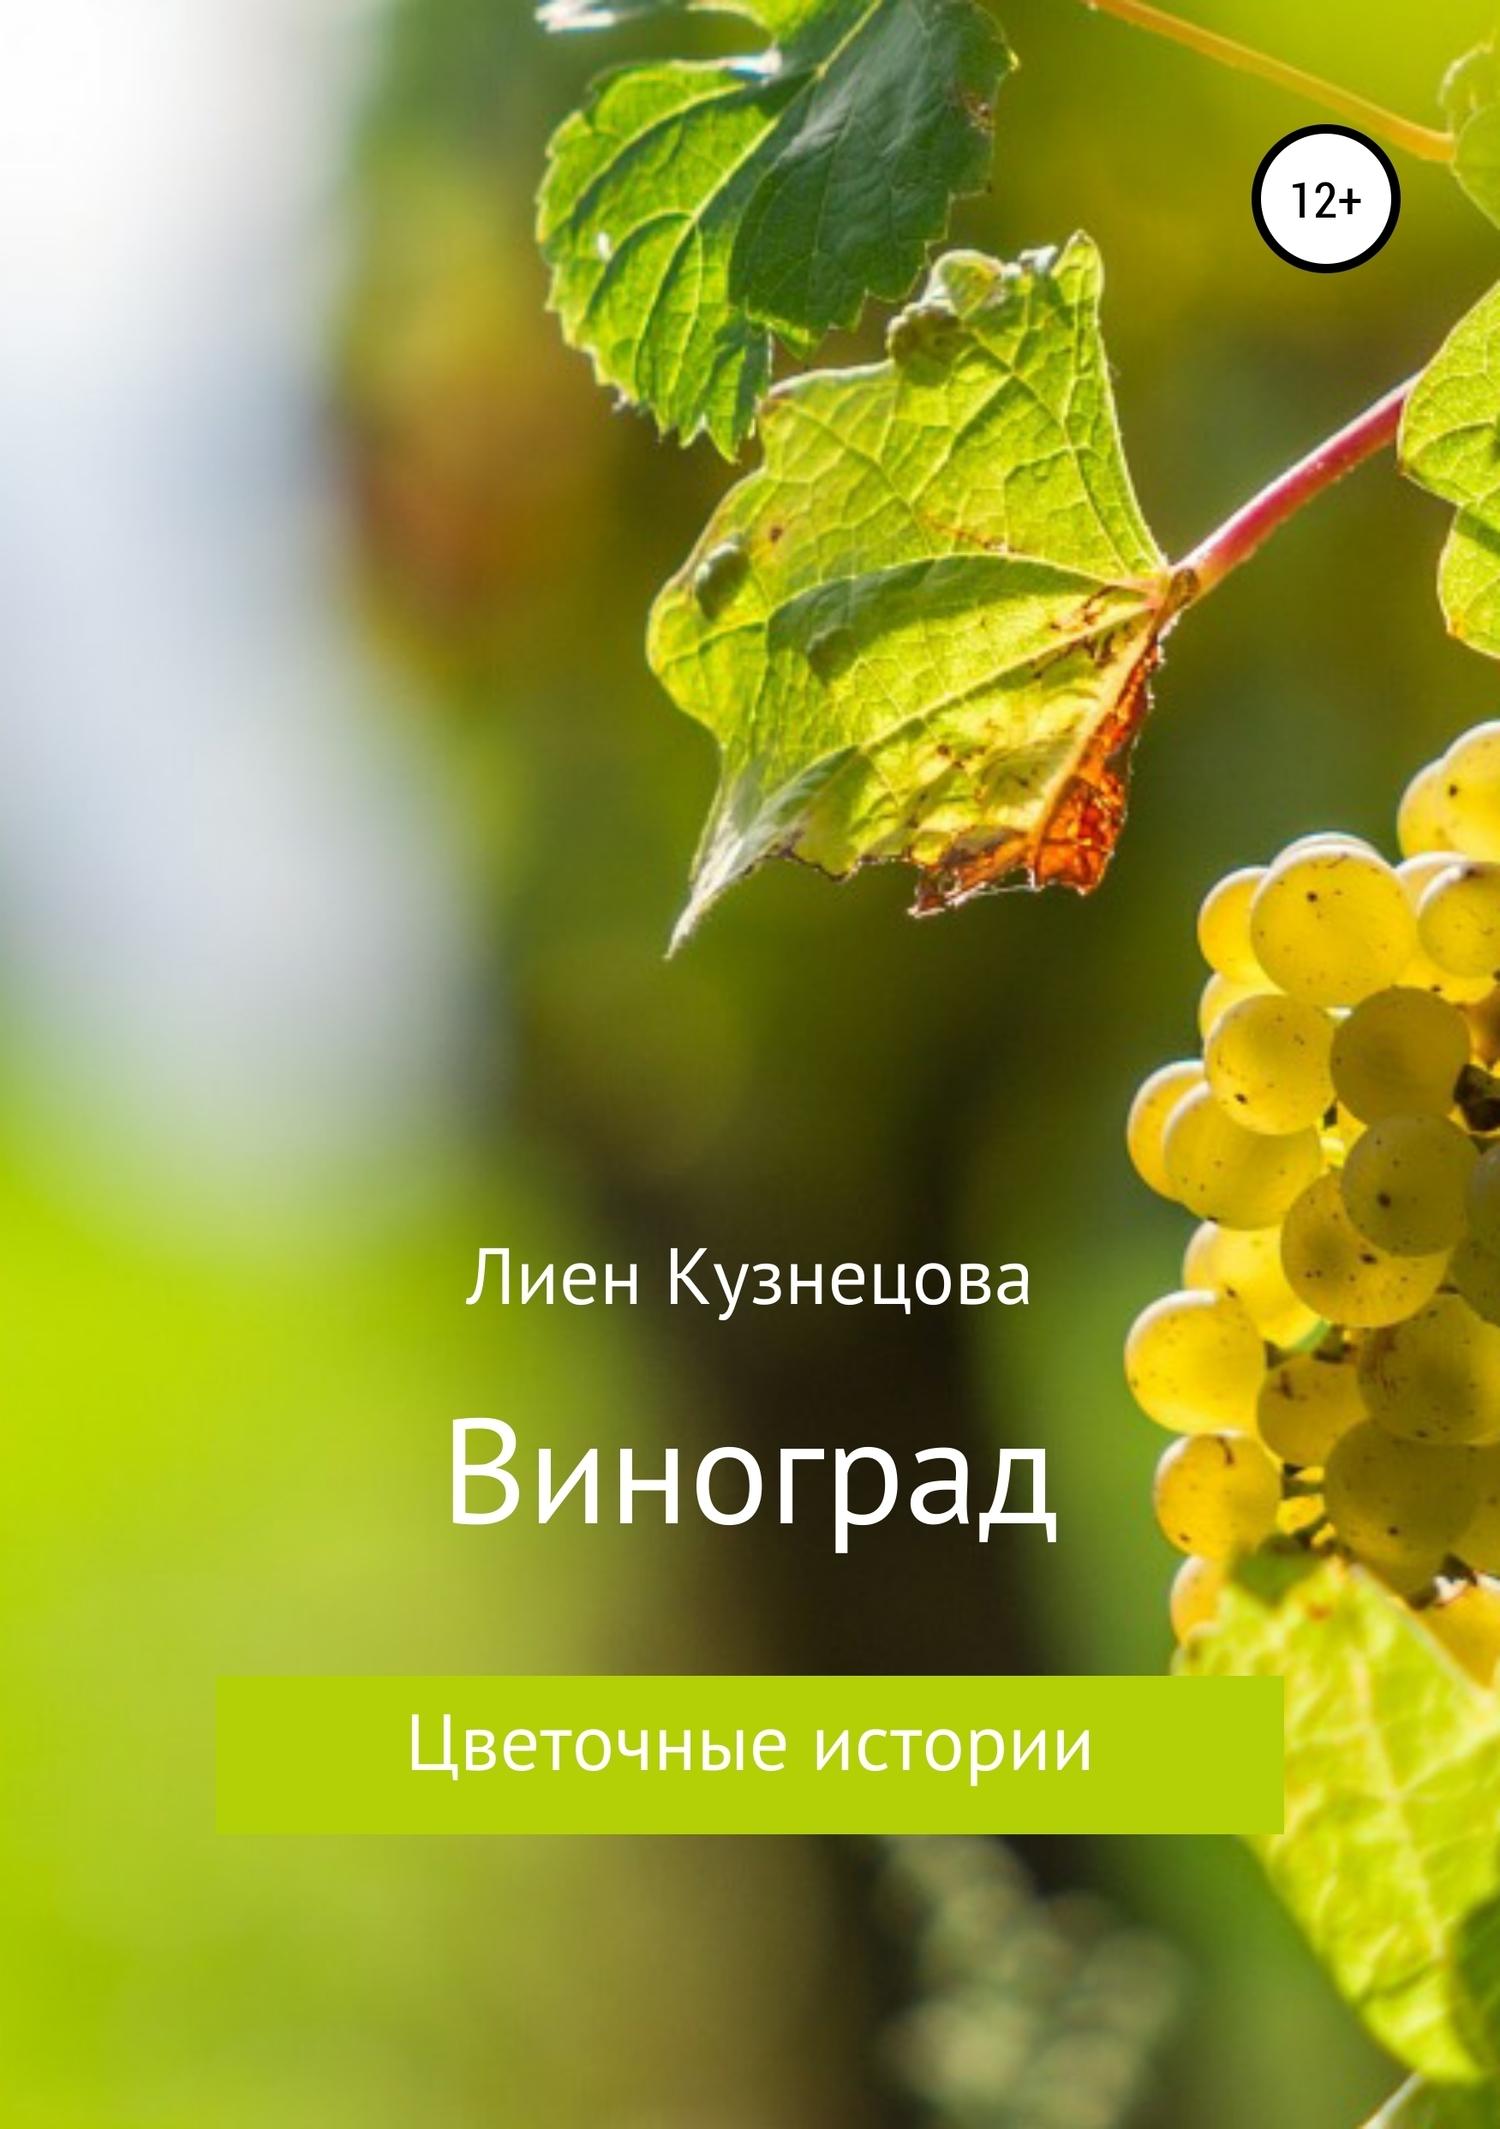 Цветочные истории. Виноград